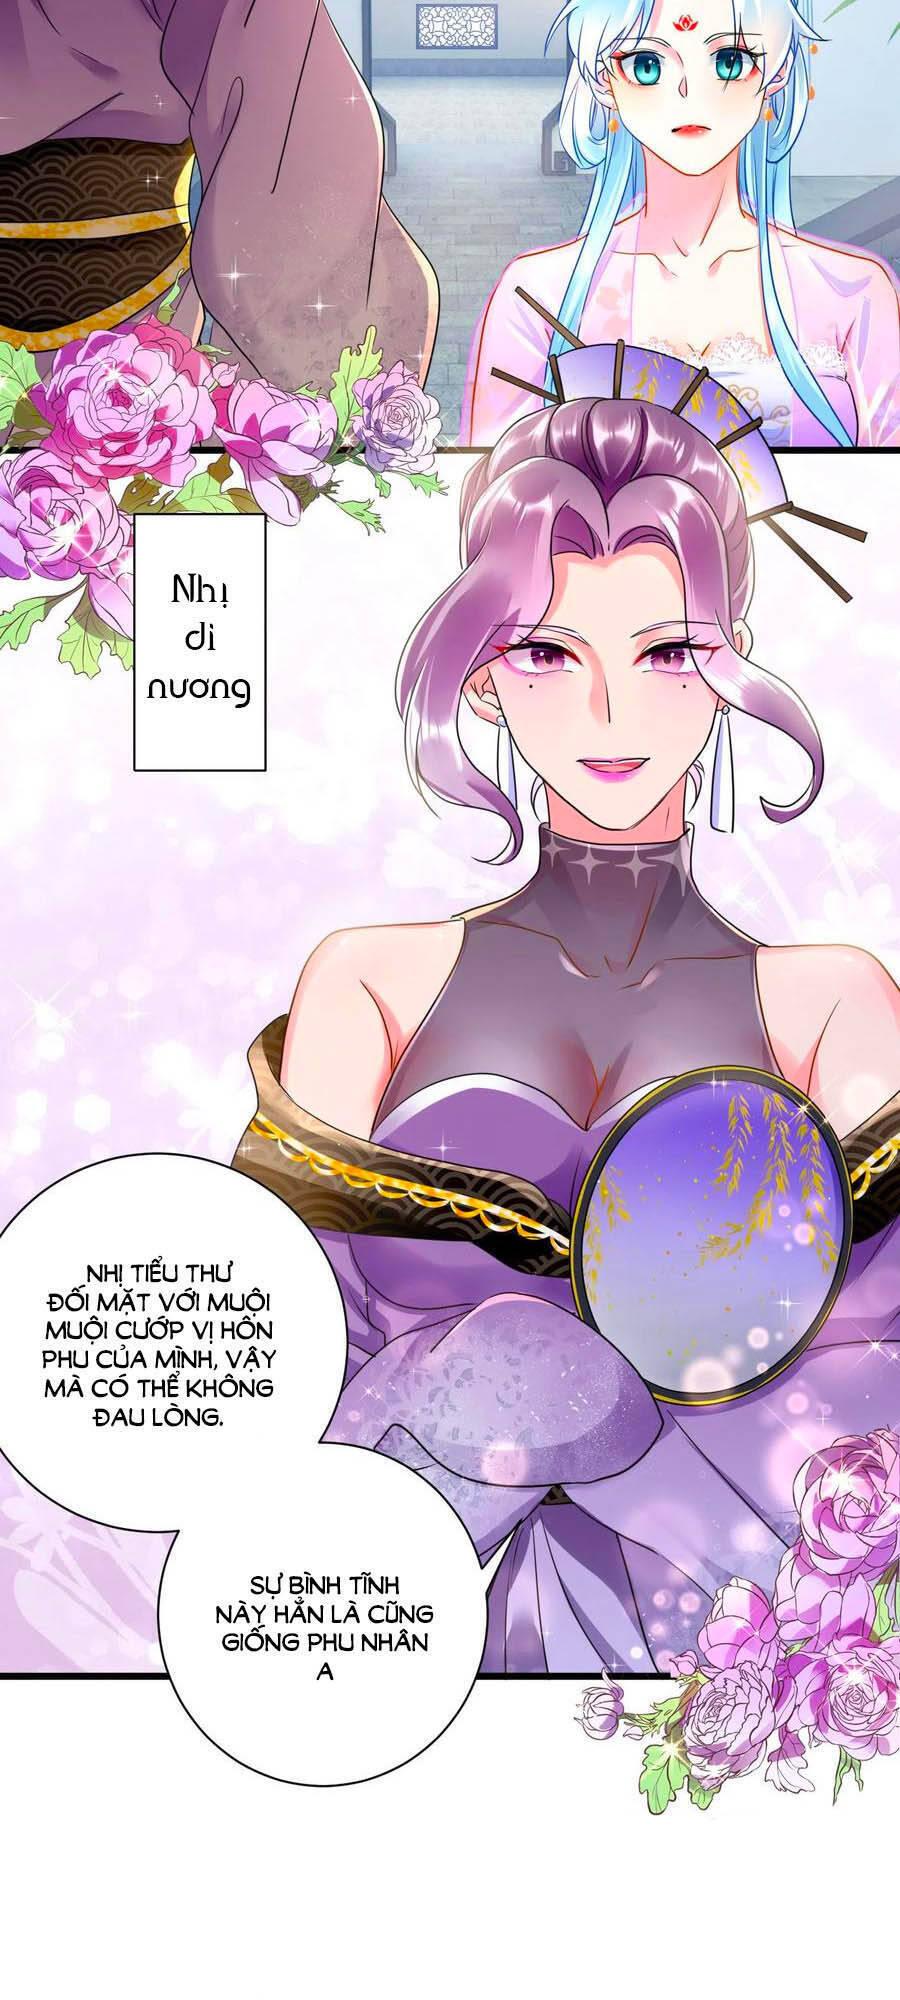 PHƯỢNG QUY TRIỀU: LÃNH VƯƠNG THỊNH SỦNG PHÁP Y PHI Chapter 23 - upload bởi truyensieuhay.com